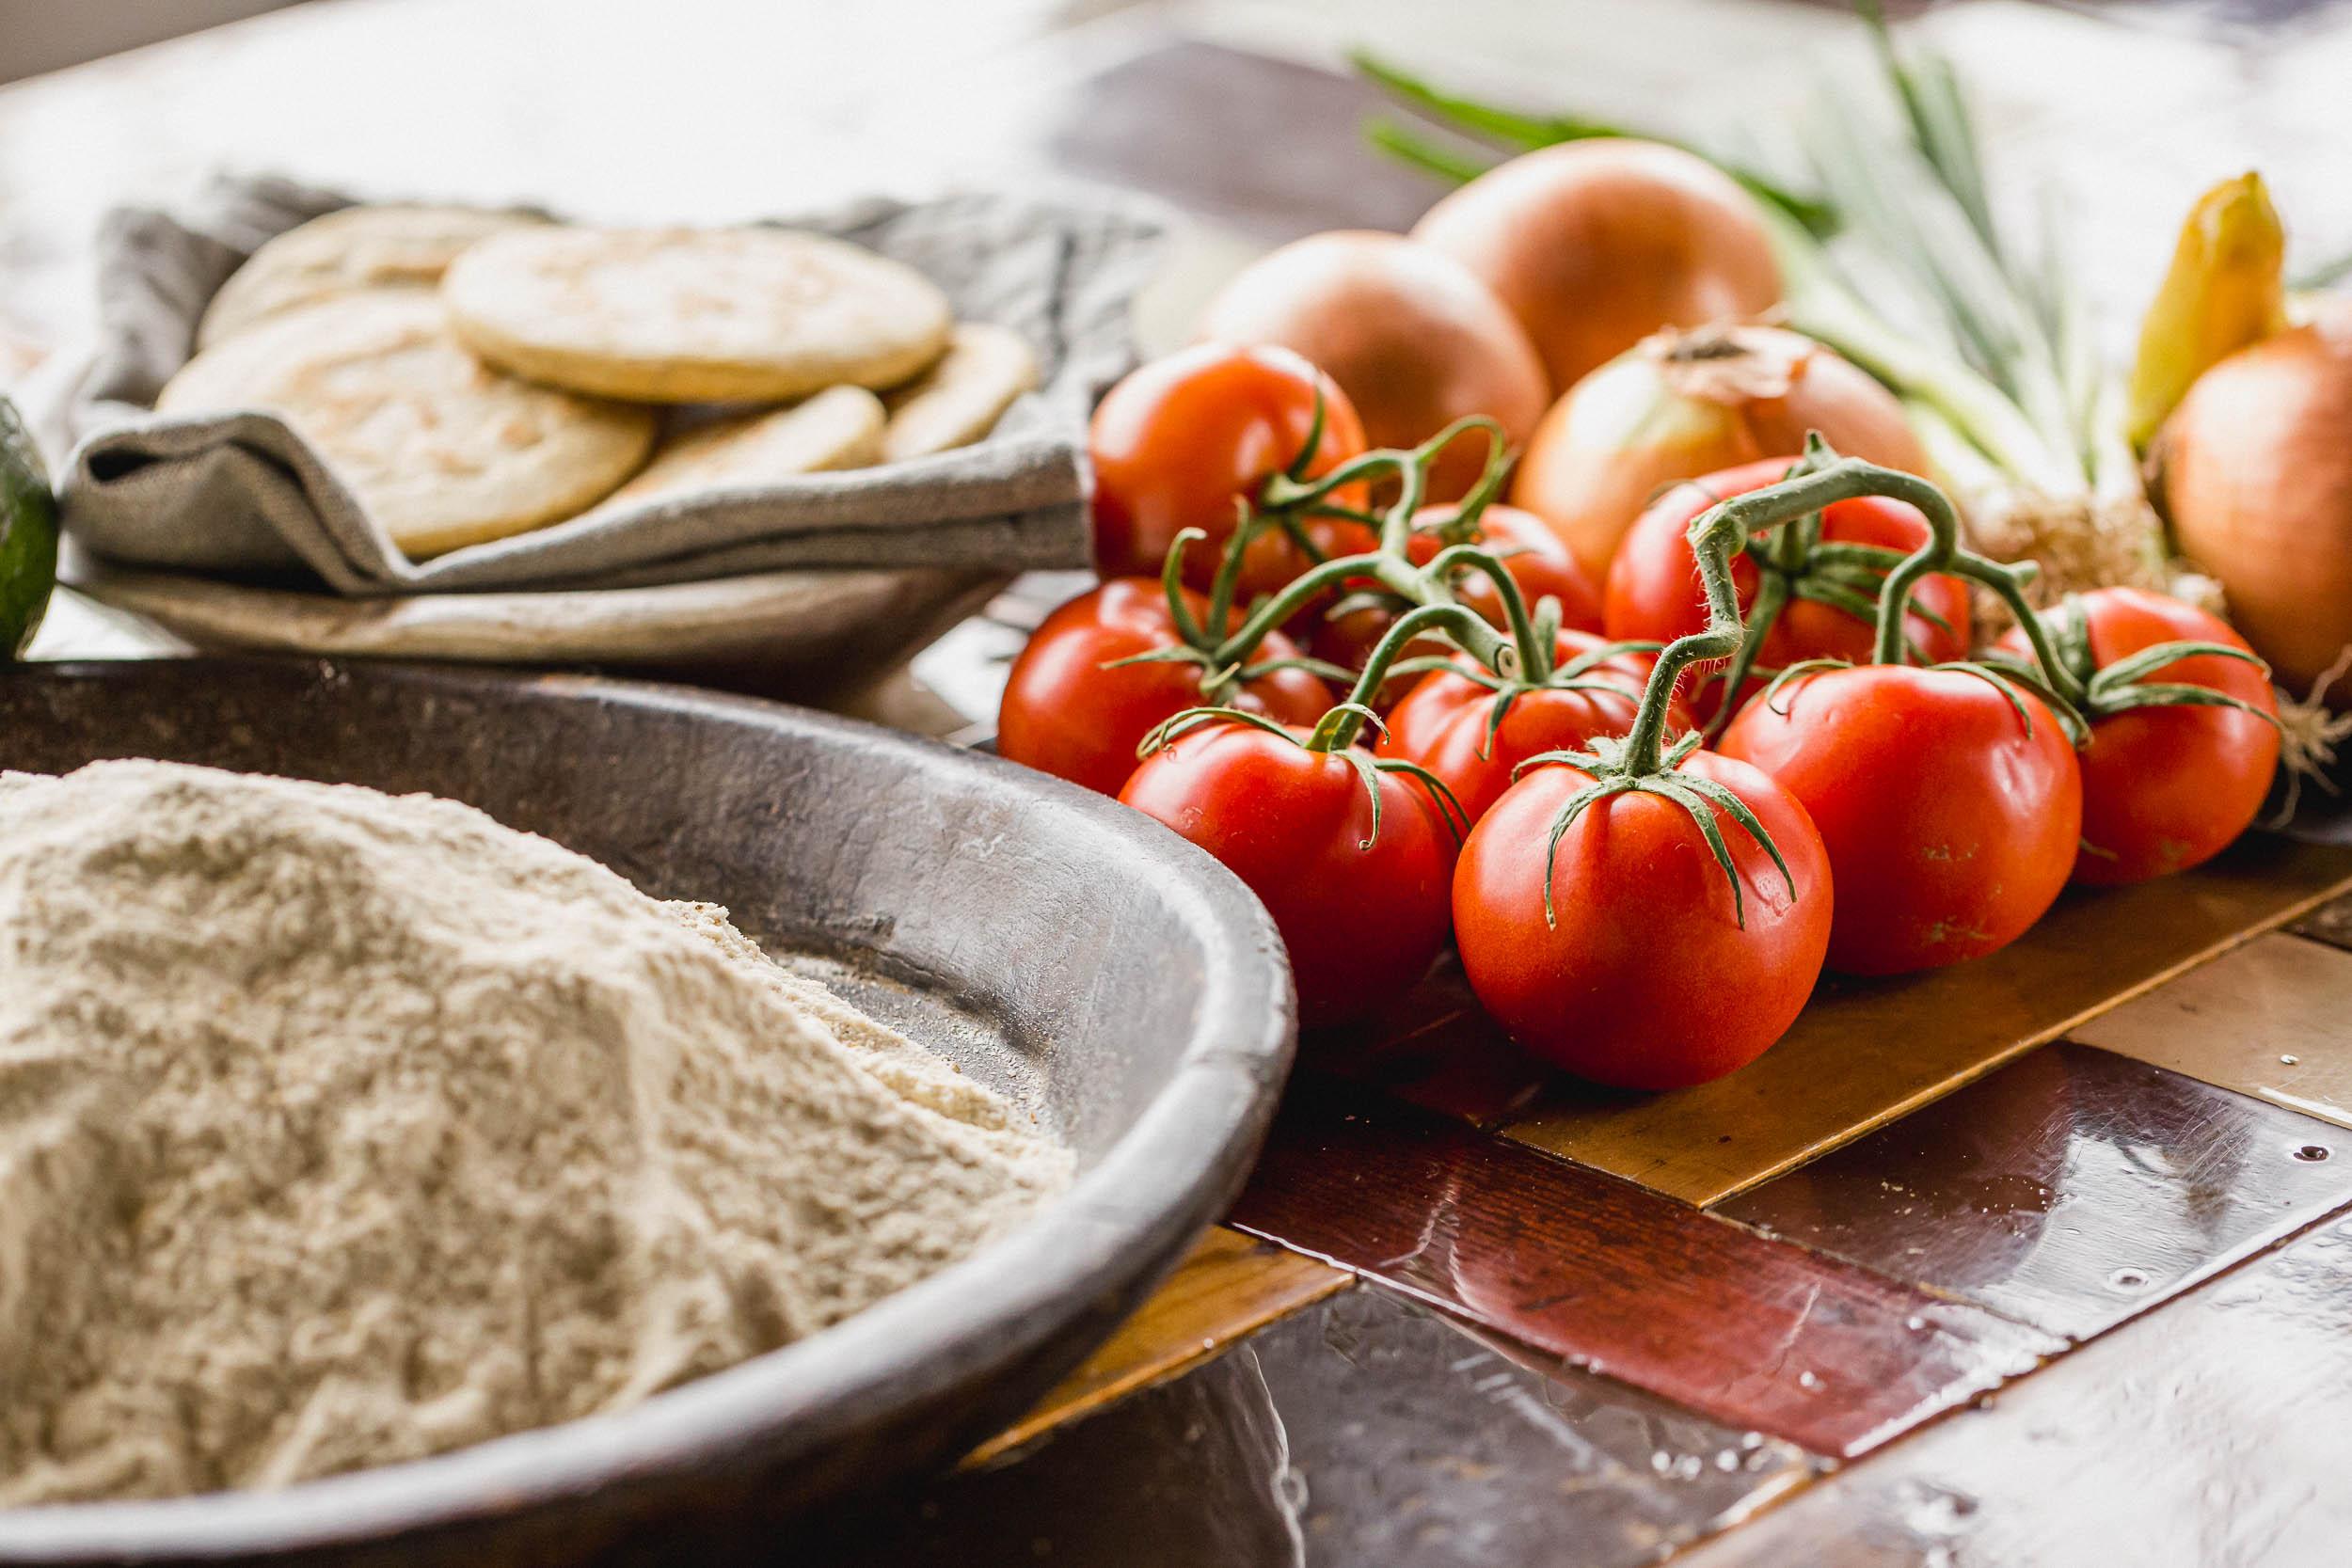 NatandCody-food-07.jpg